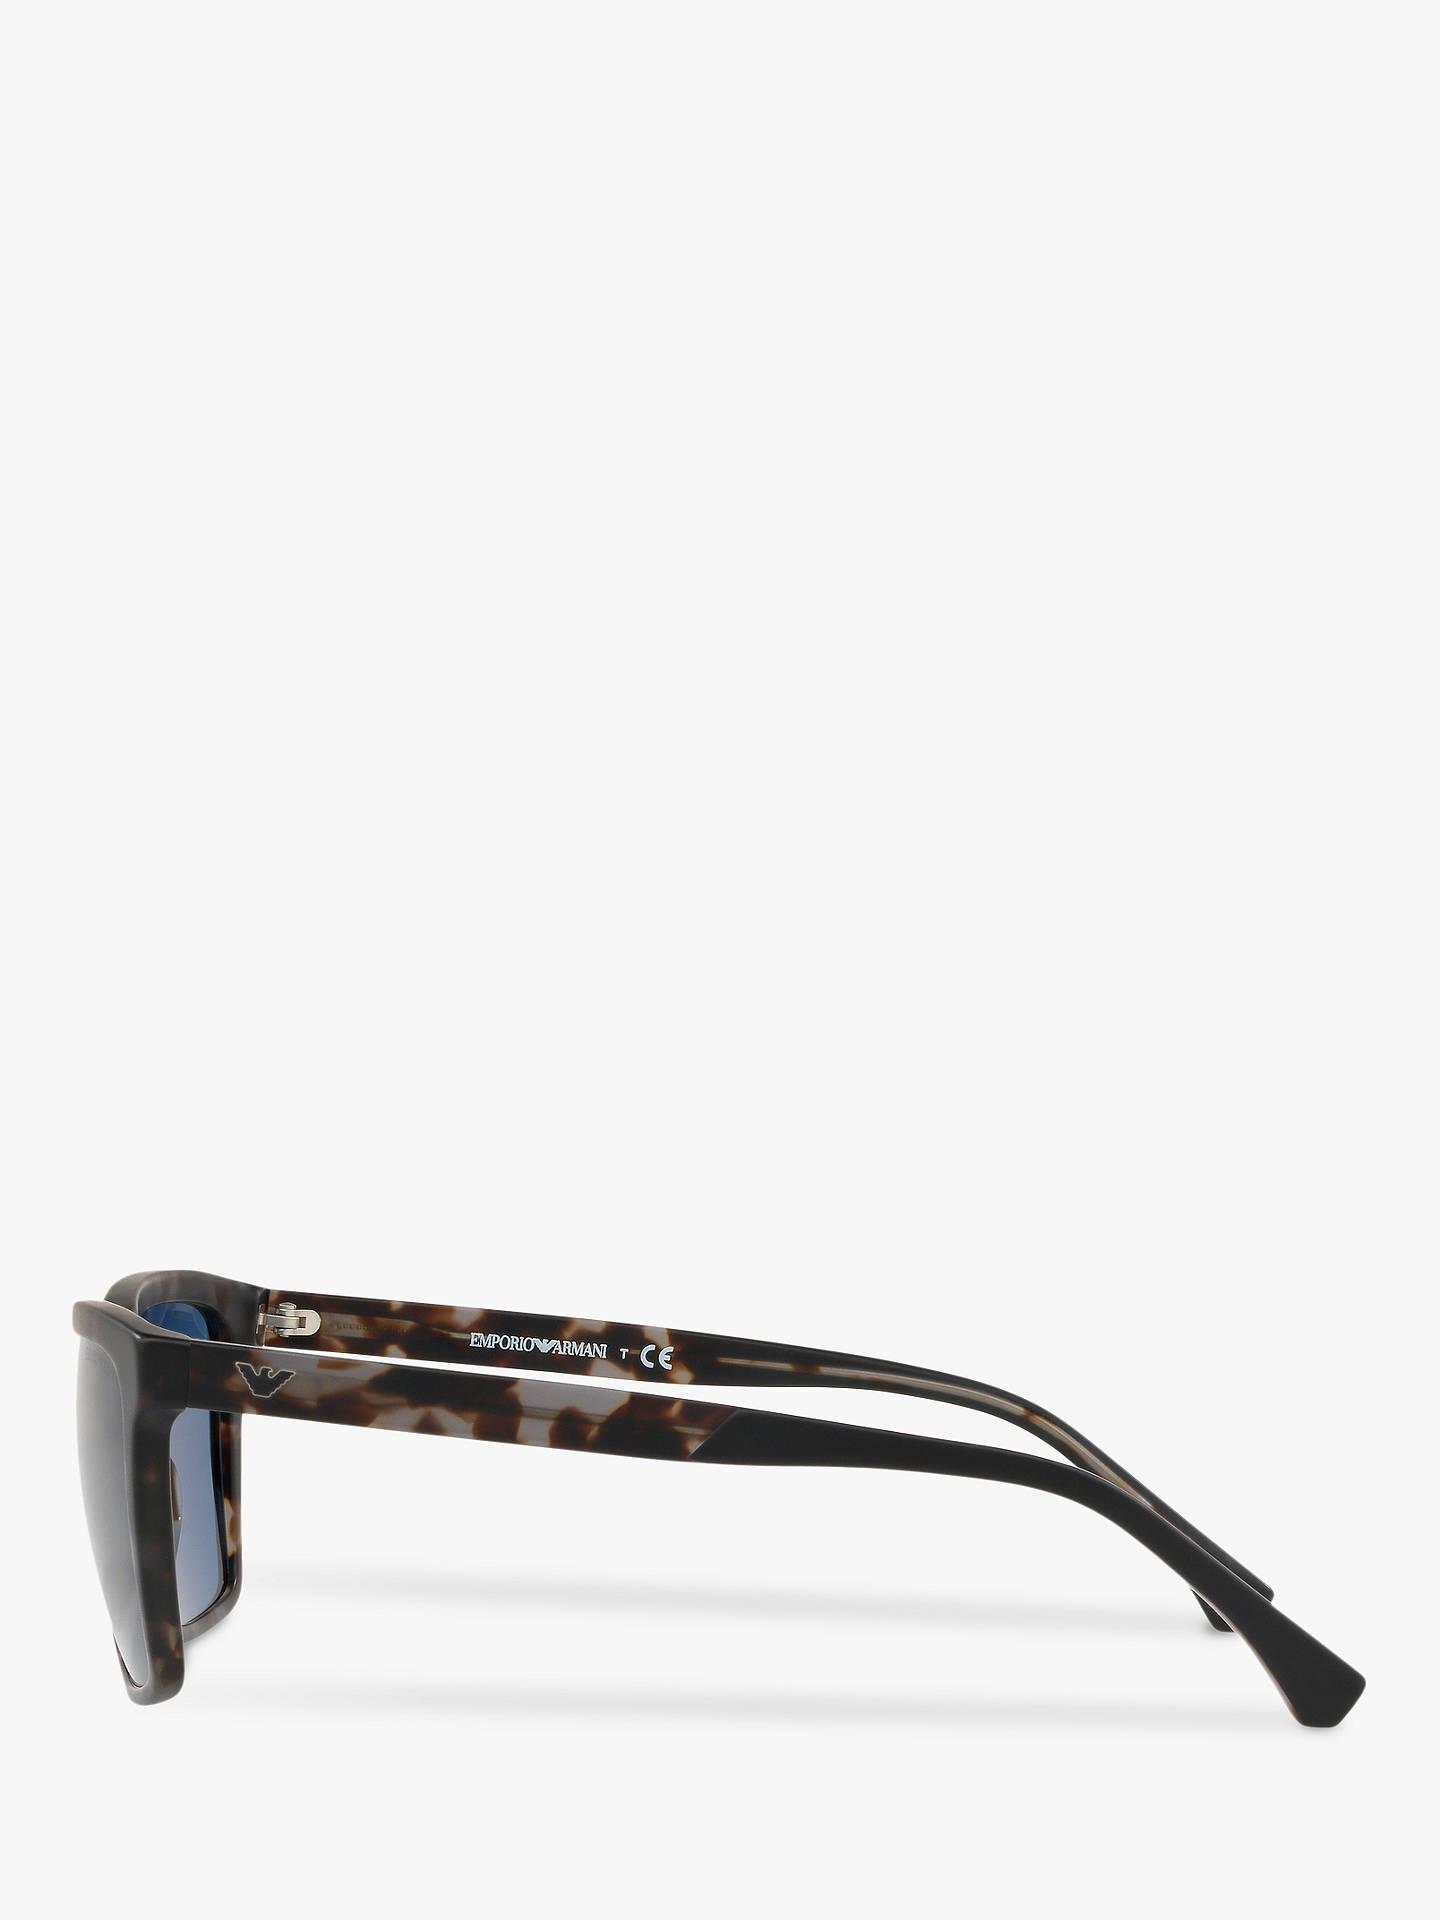 8f4b894a4ed Buy Emporio Armani EA4117 Men s Square Sunglasses